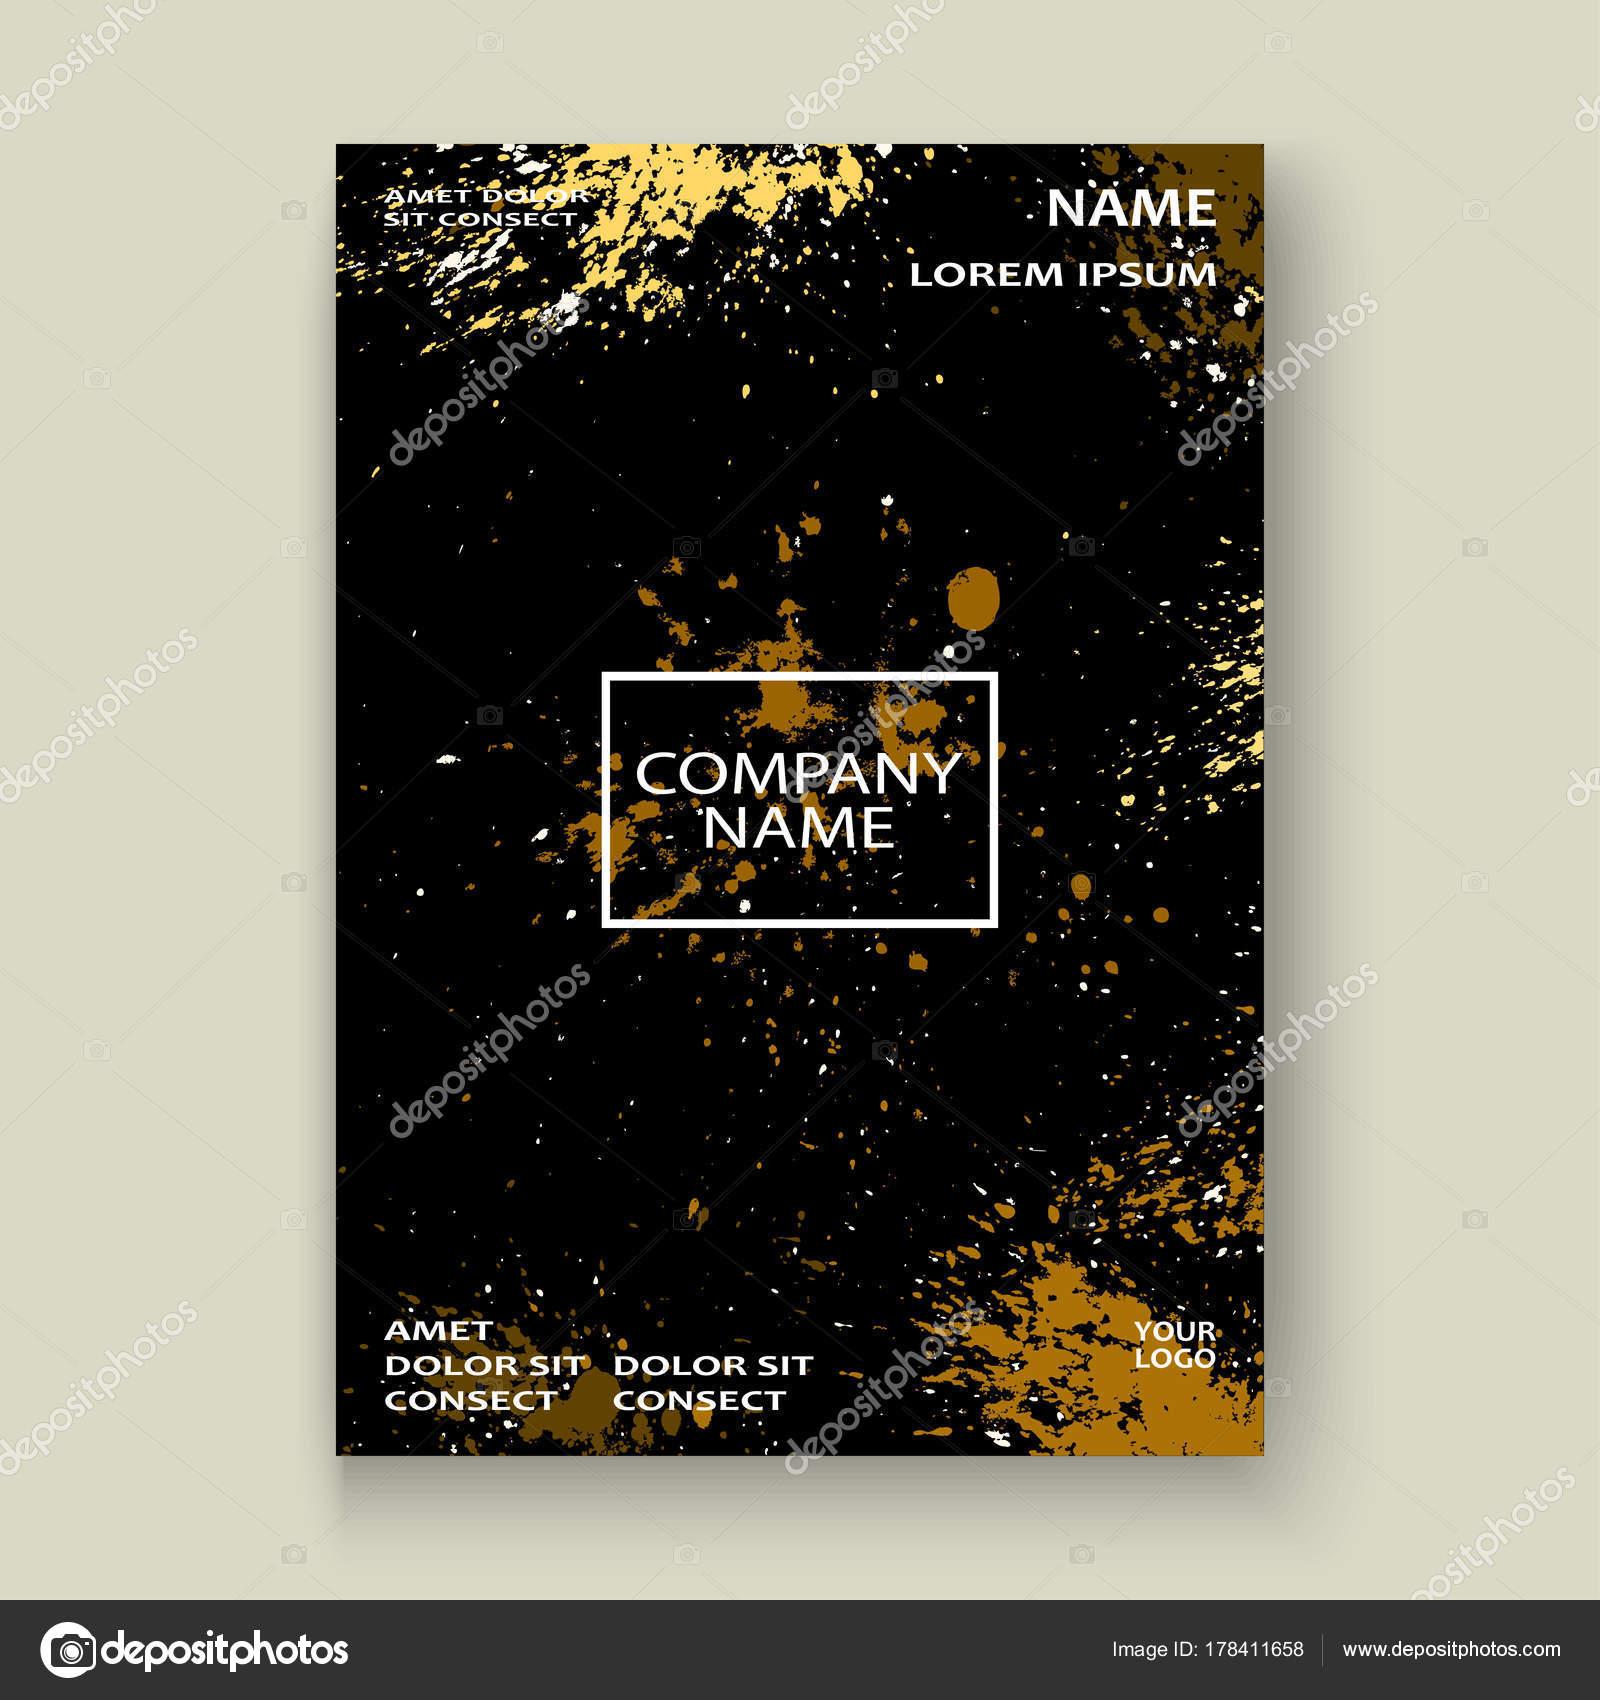 Gold Explosion Farbspritzer künstlerische Cover Rahmen-Design. Dekor ...